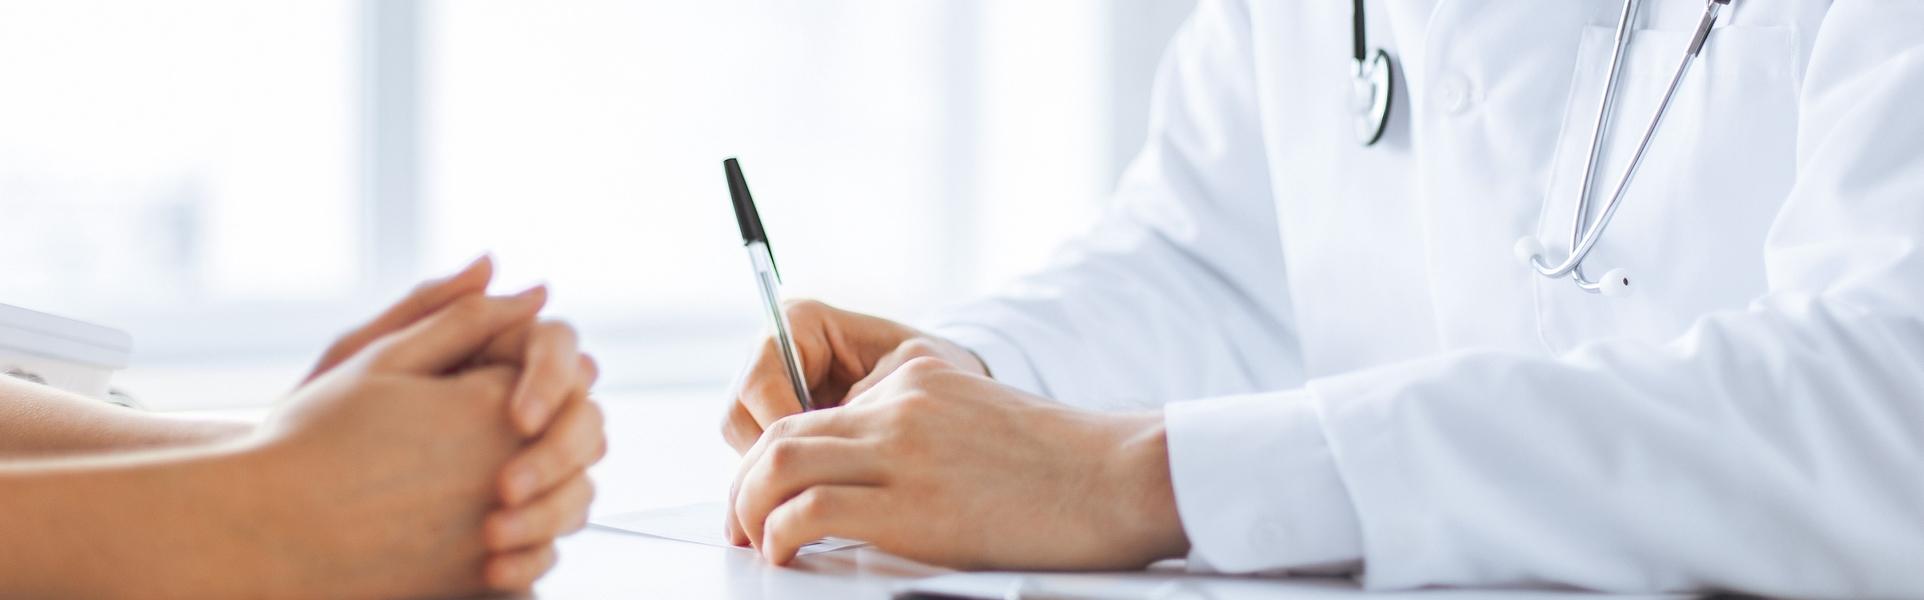 Эффективное лечение заболеваний и вирусов в медцентре ДИНОС